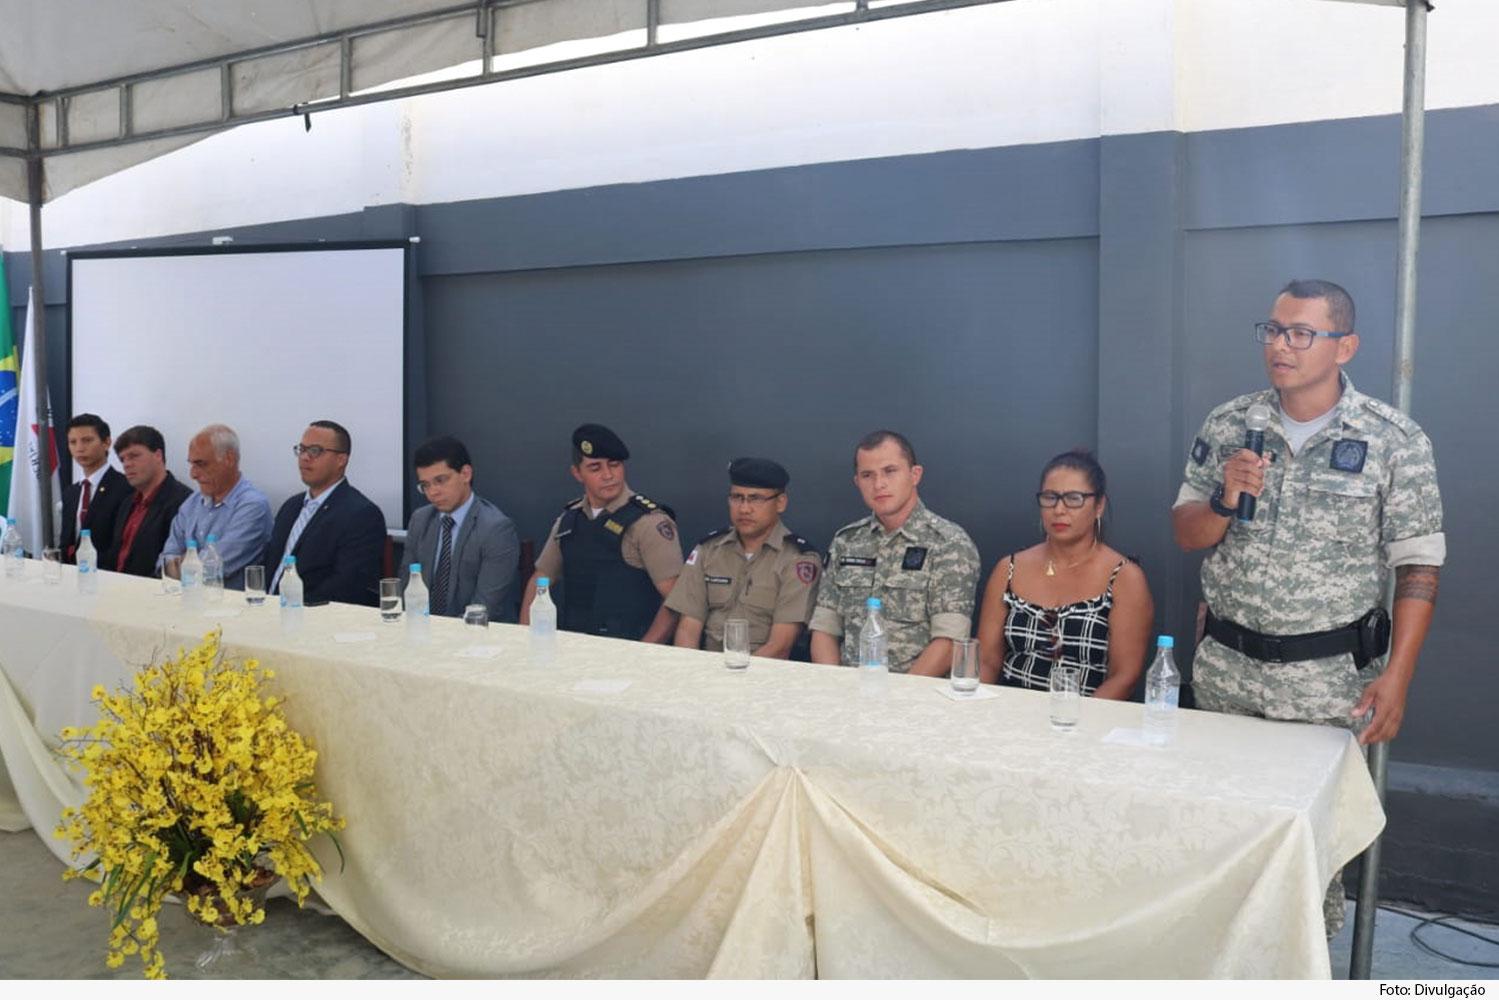 Mesa de honra com autoridades